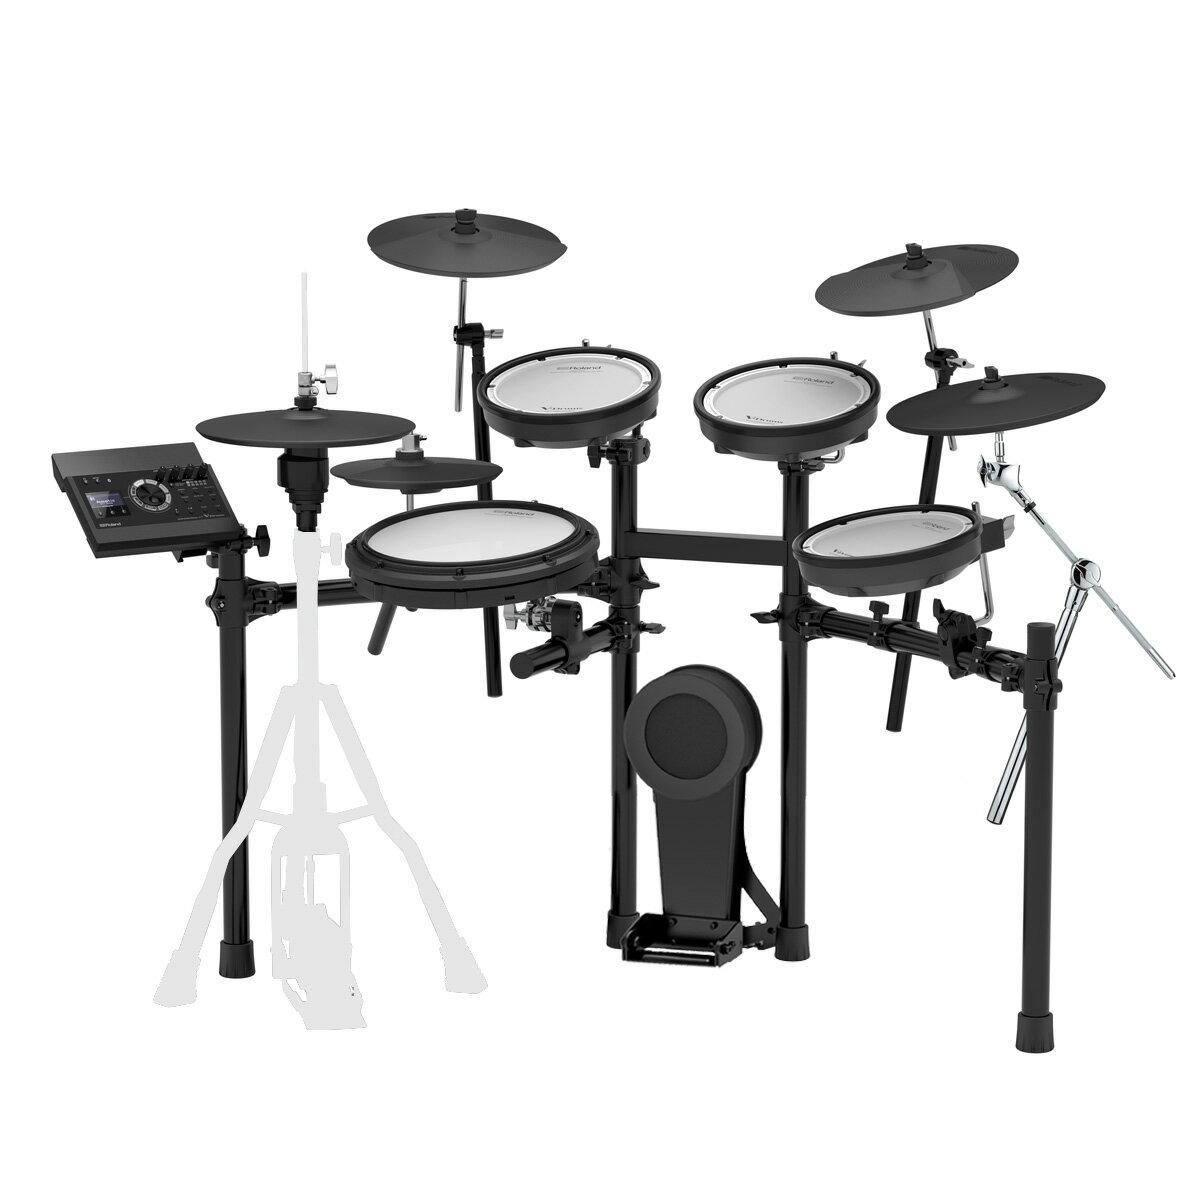 Roland 電子ドラム TD-17KV-S カスタム Expanded Set VH-10/CY-13R 4シンバル キット【にゃんごすたー&むらたたむスペシャル音色キットプレゼント中】【YRK】